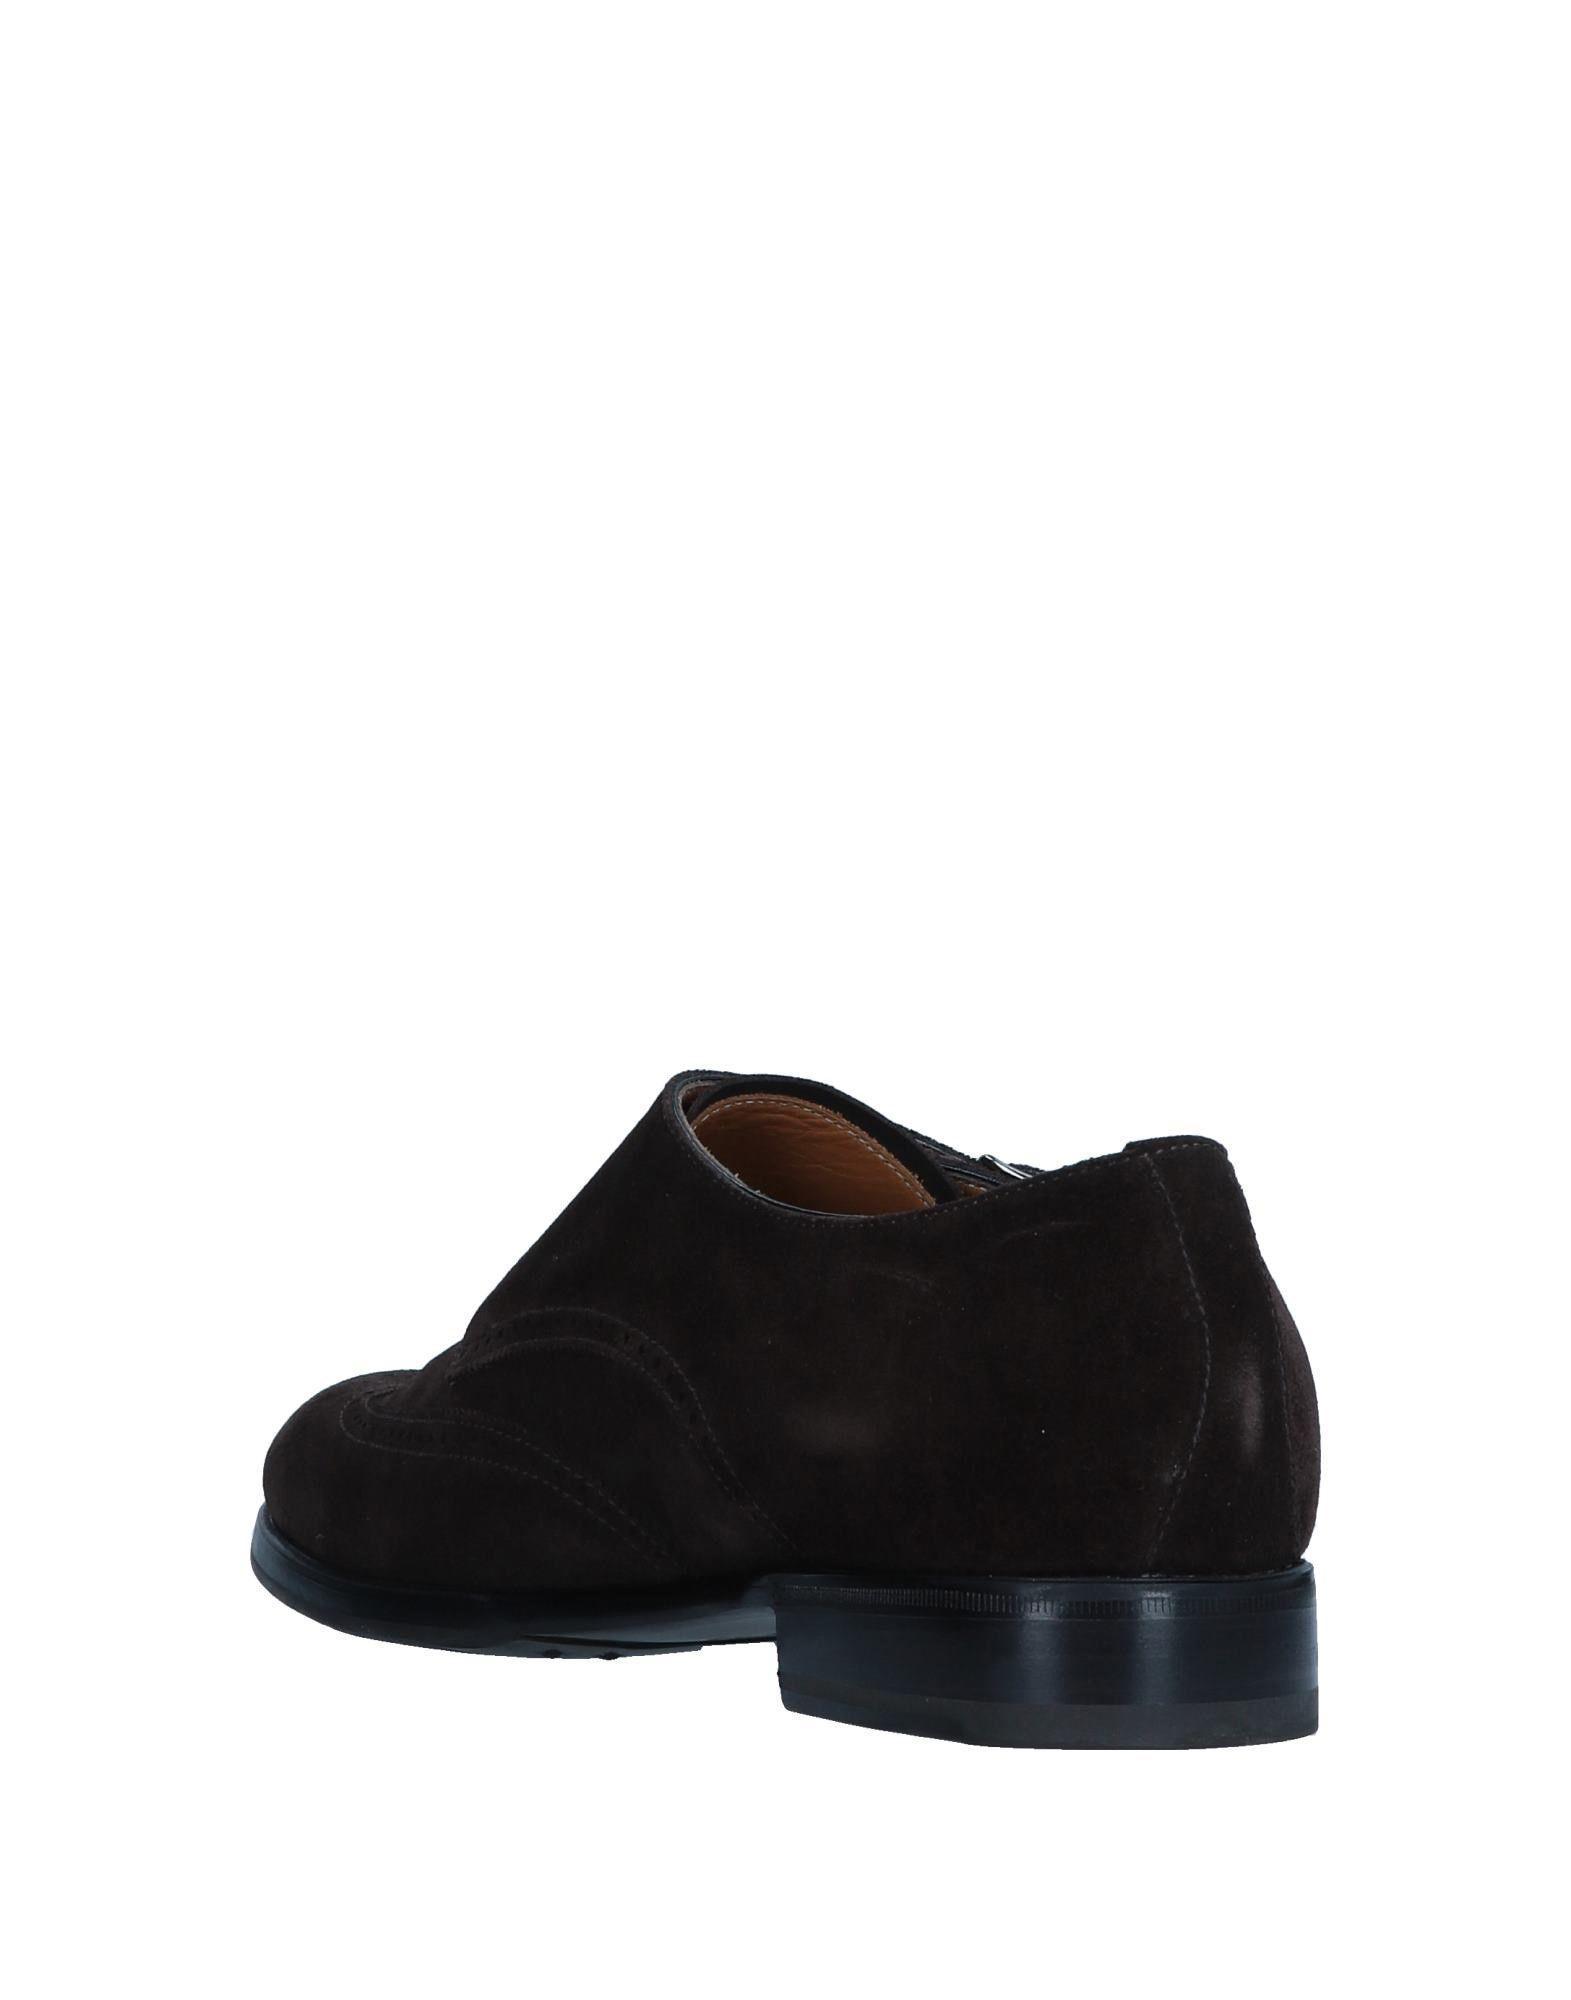 Barrett Mokassins Herren beliebte  11549186RC Gute Qualität beliebte Herren Schuhe 5026af